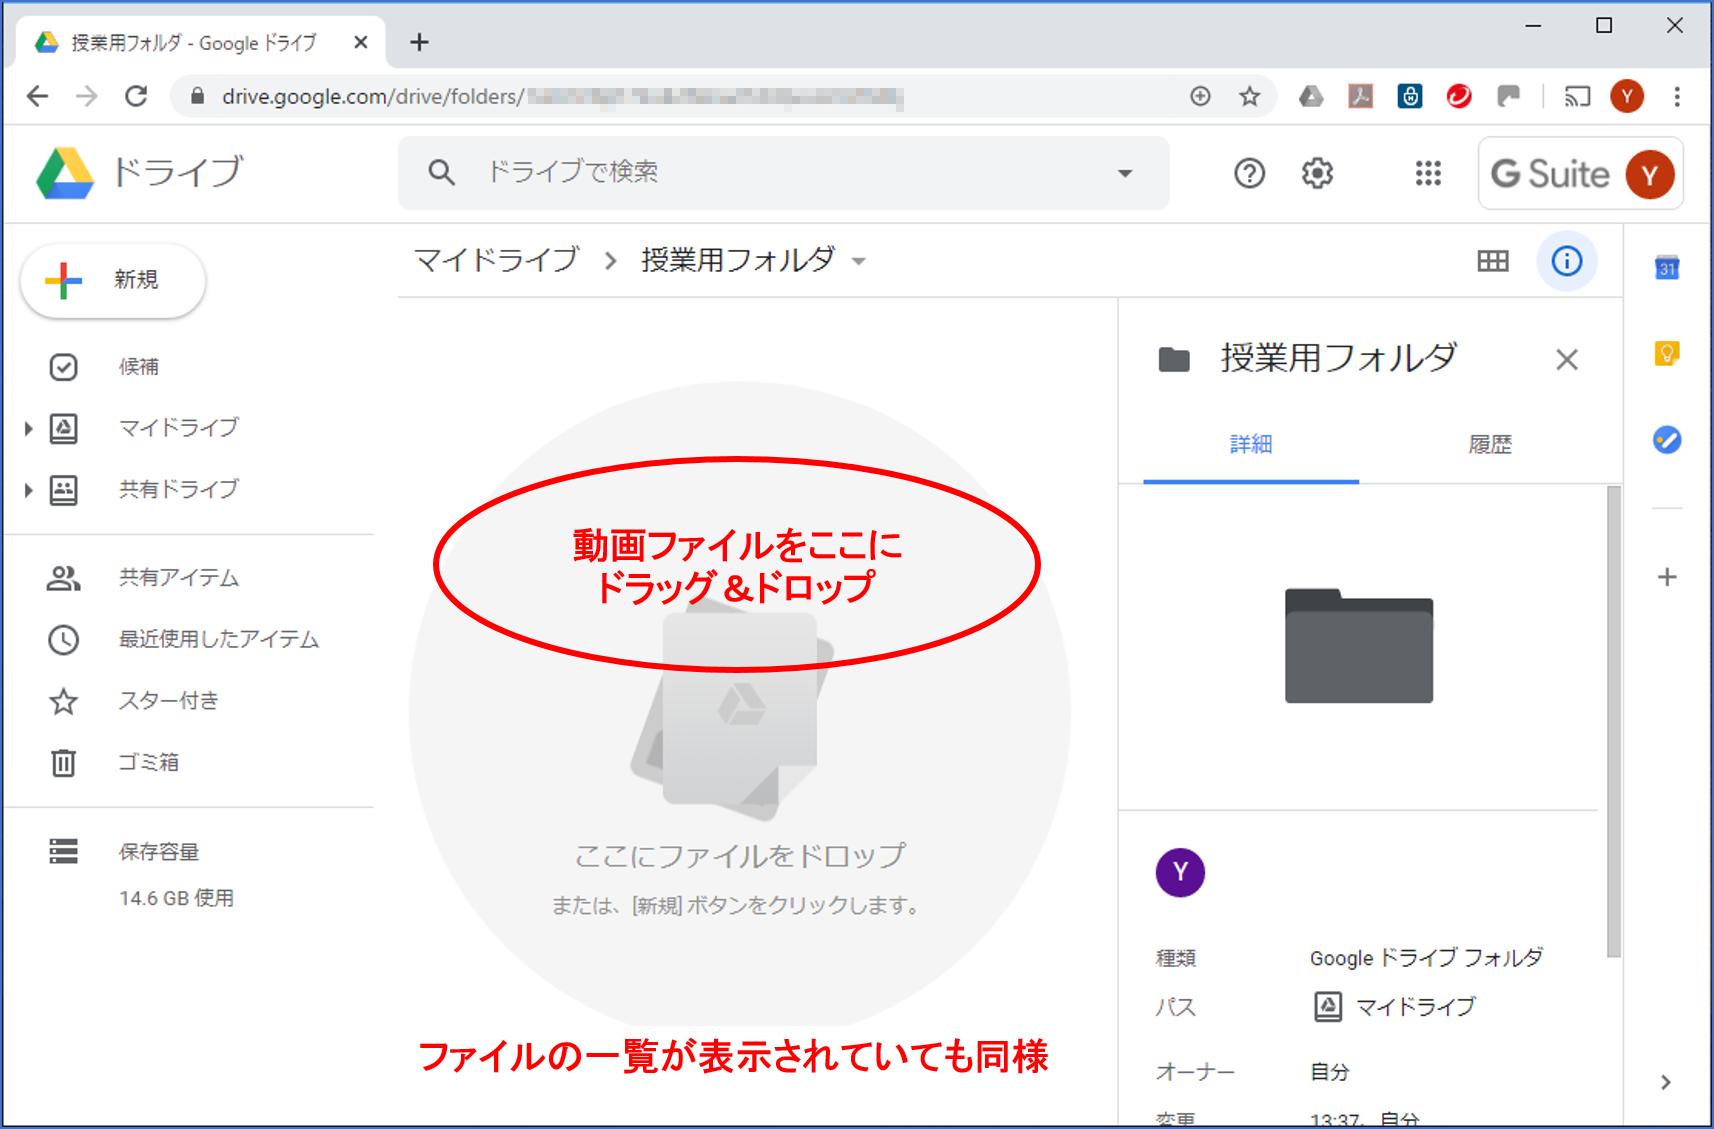 県立 大学 富山 webclass